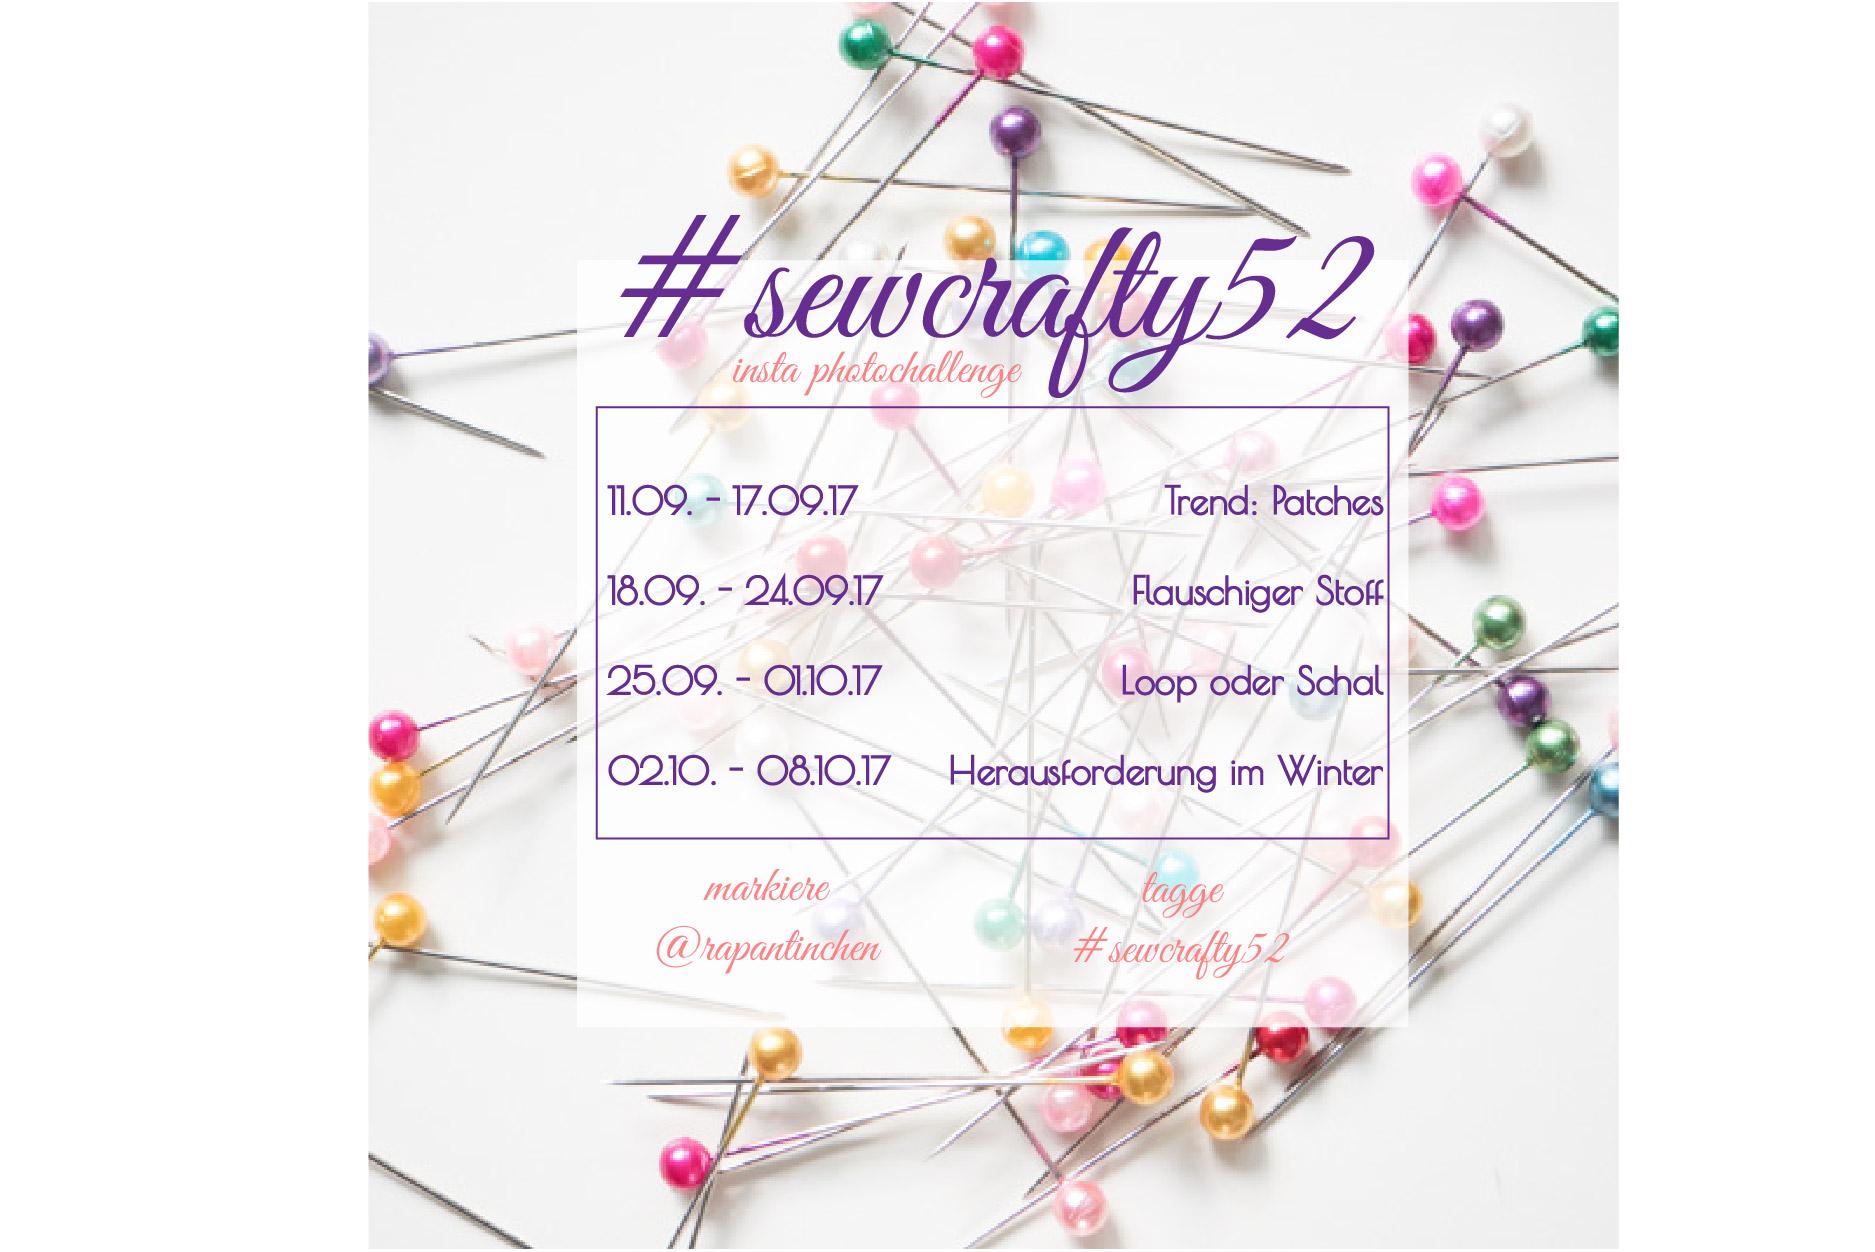 #sewcrafty 9/17